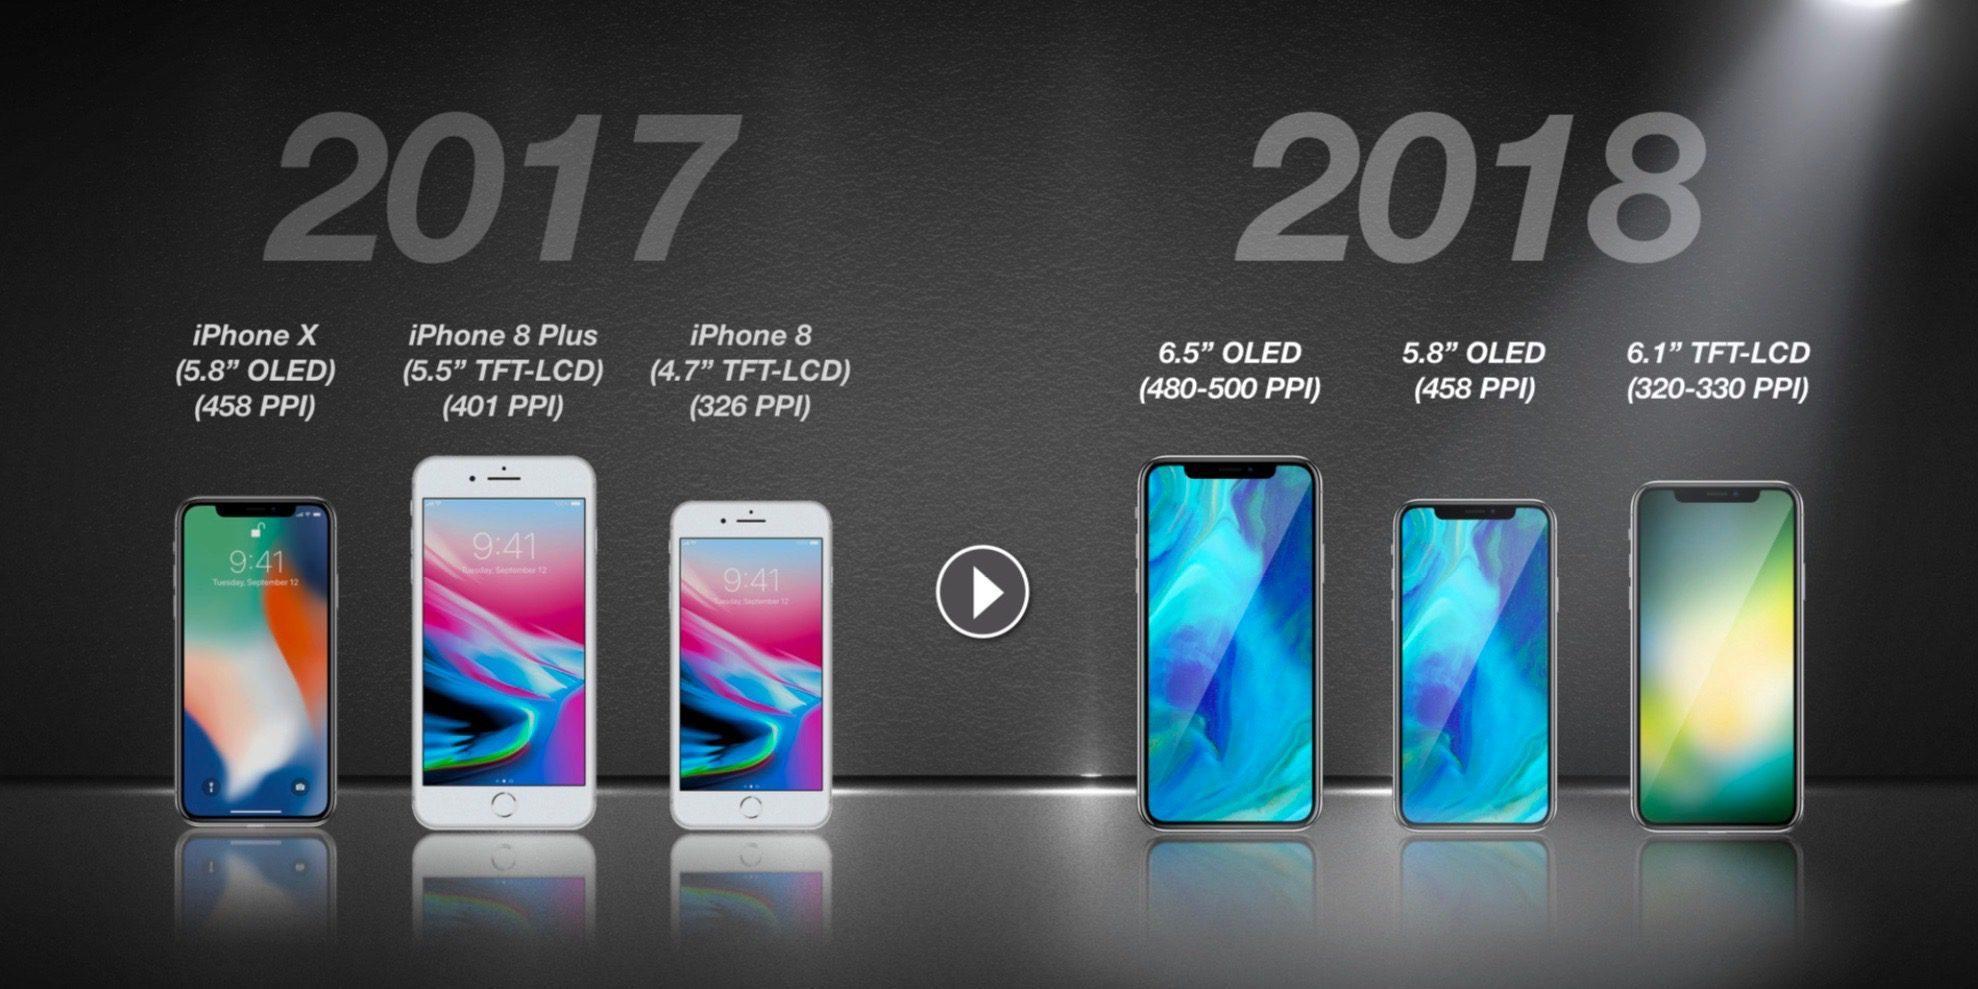 Iphone X Plus Dimensioni Simili Ad Iphone 8 Plus